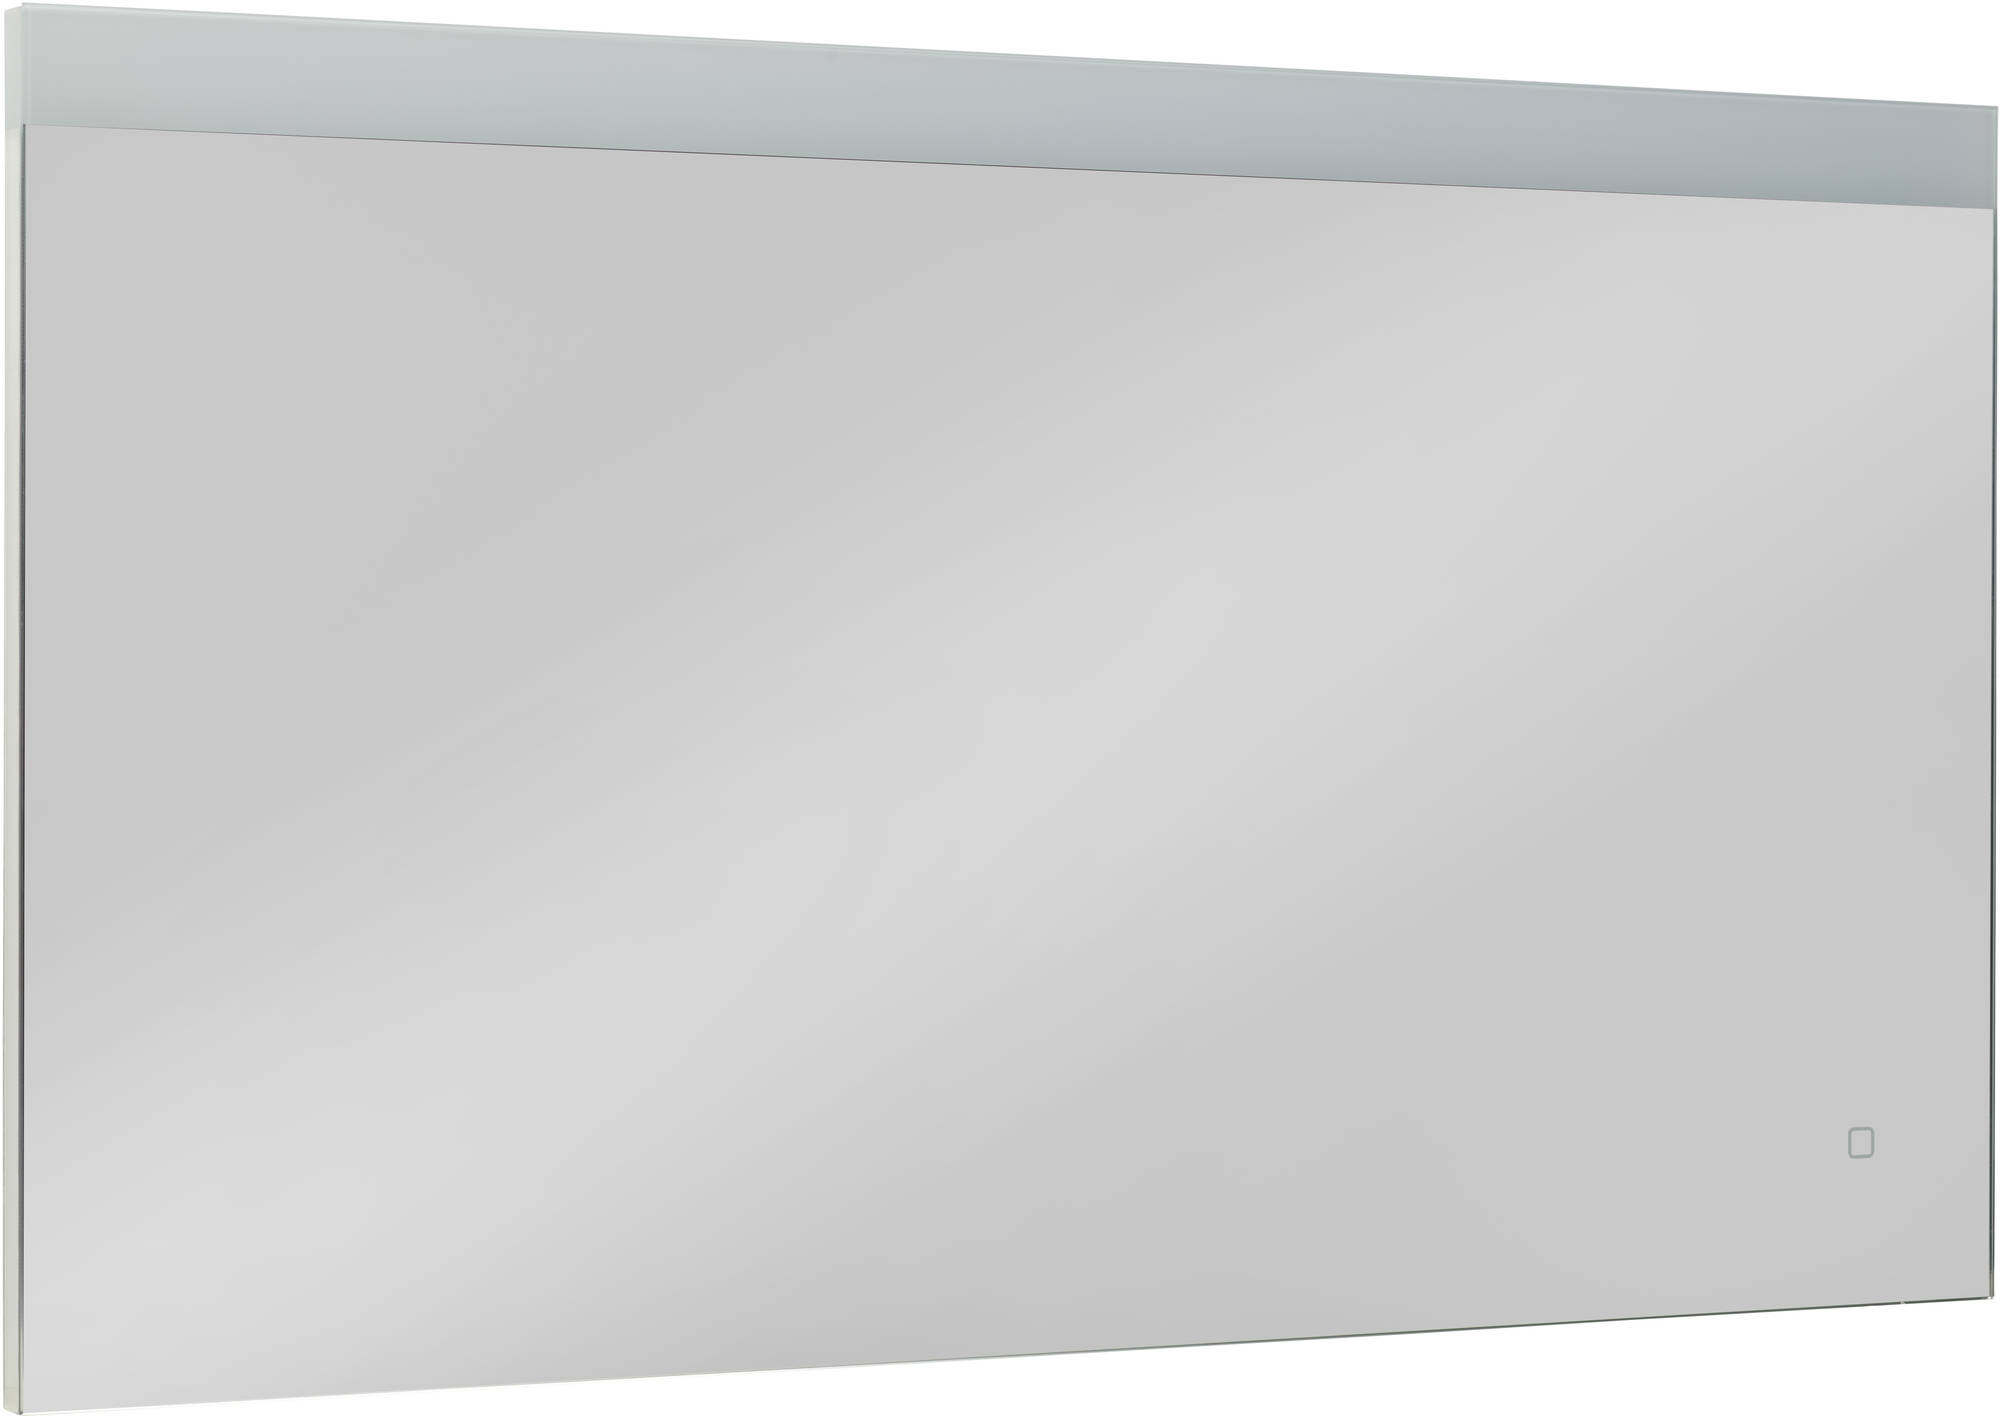 Ben Triton Spiegelpaneel met Touchbediening, Spiegelverwarming 160x3x70 cm